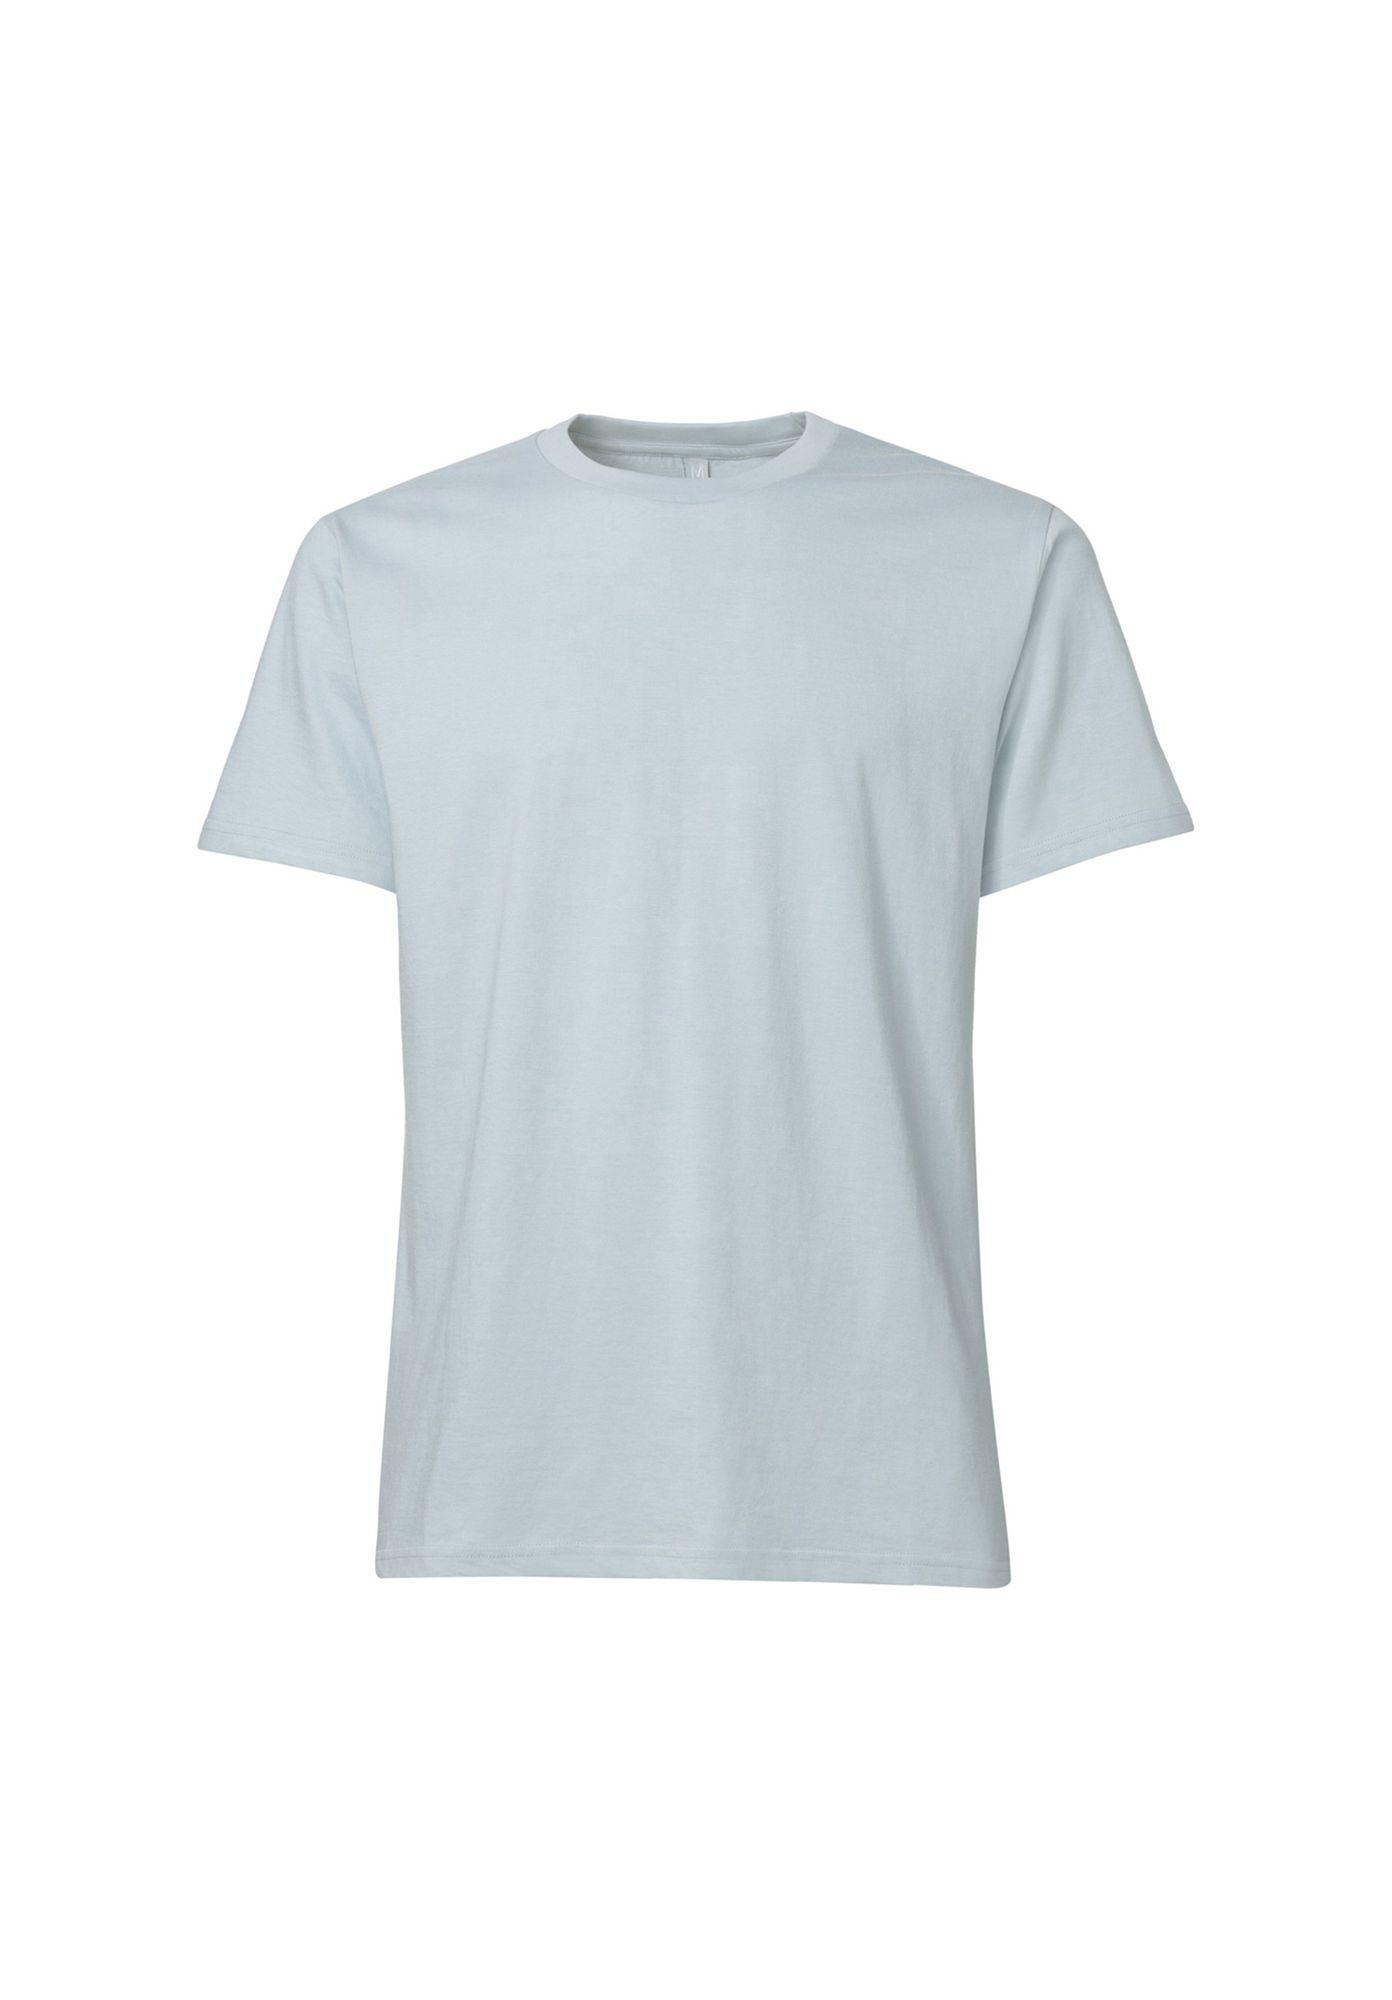 TT02 T-Shirt Pearl Blue GOTS & Fairtrade